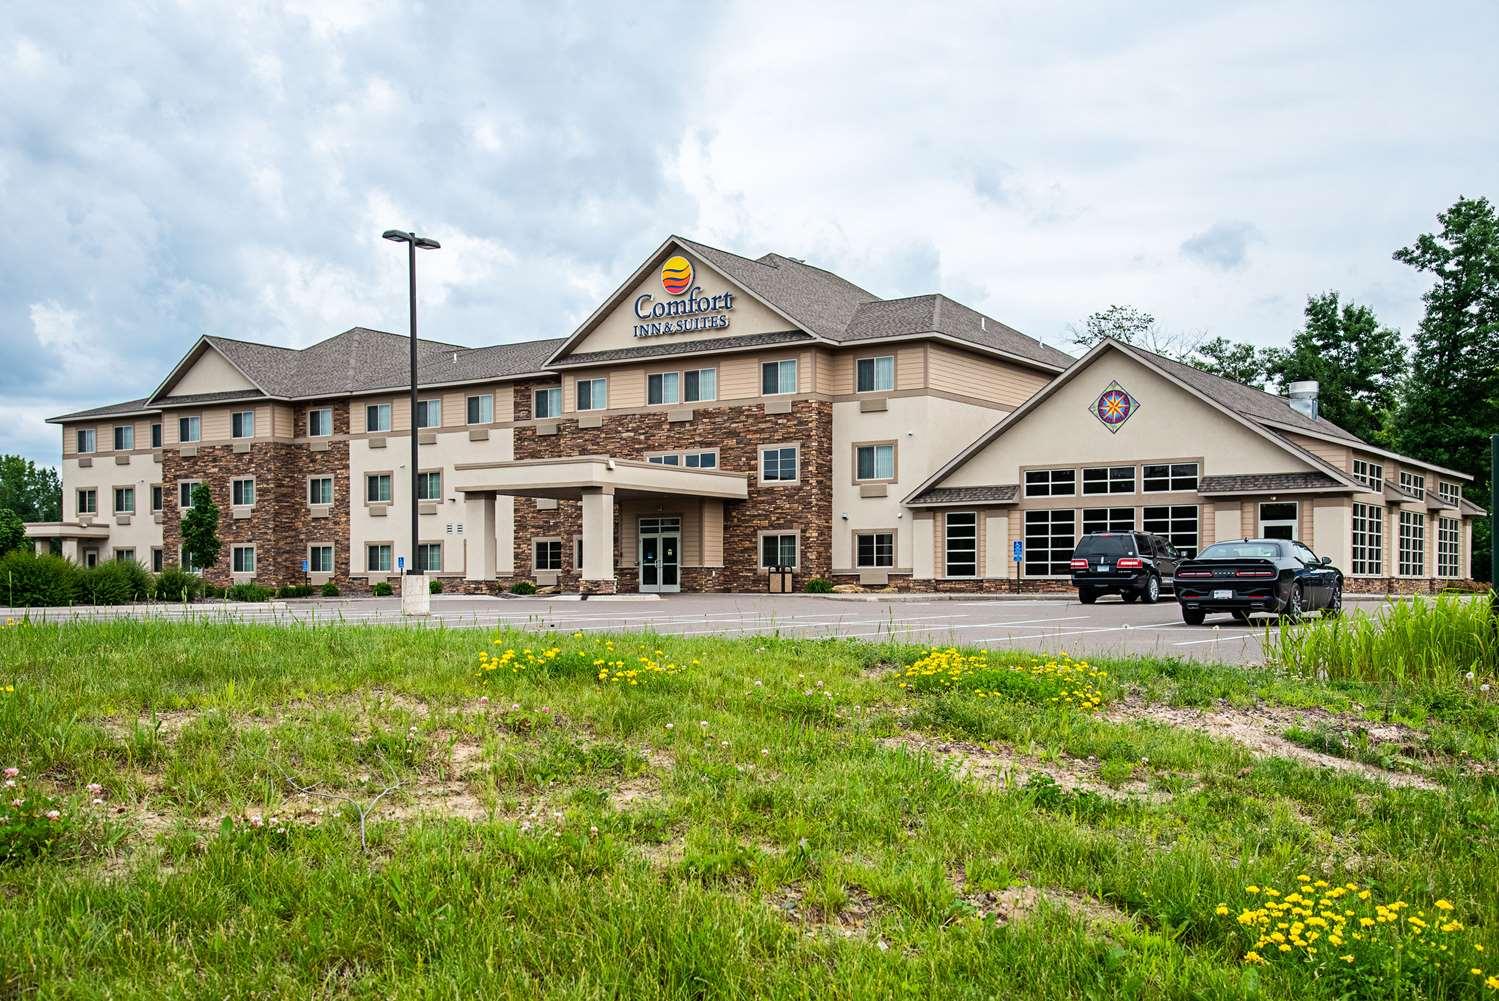 Exterior view - Comfort Inn & Suites Chisago